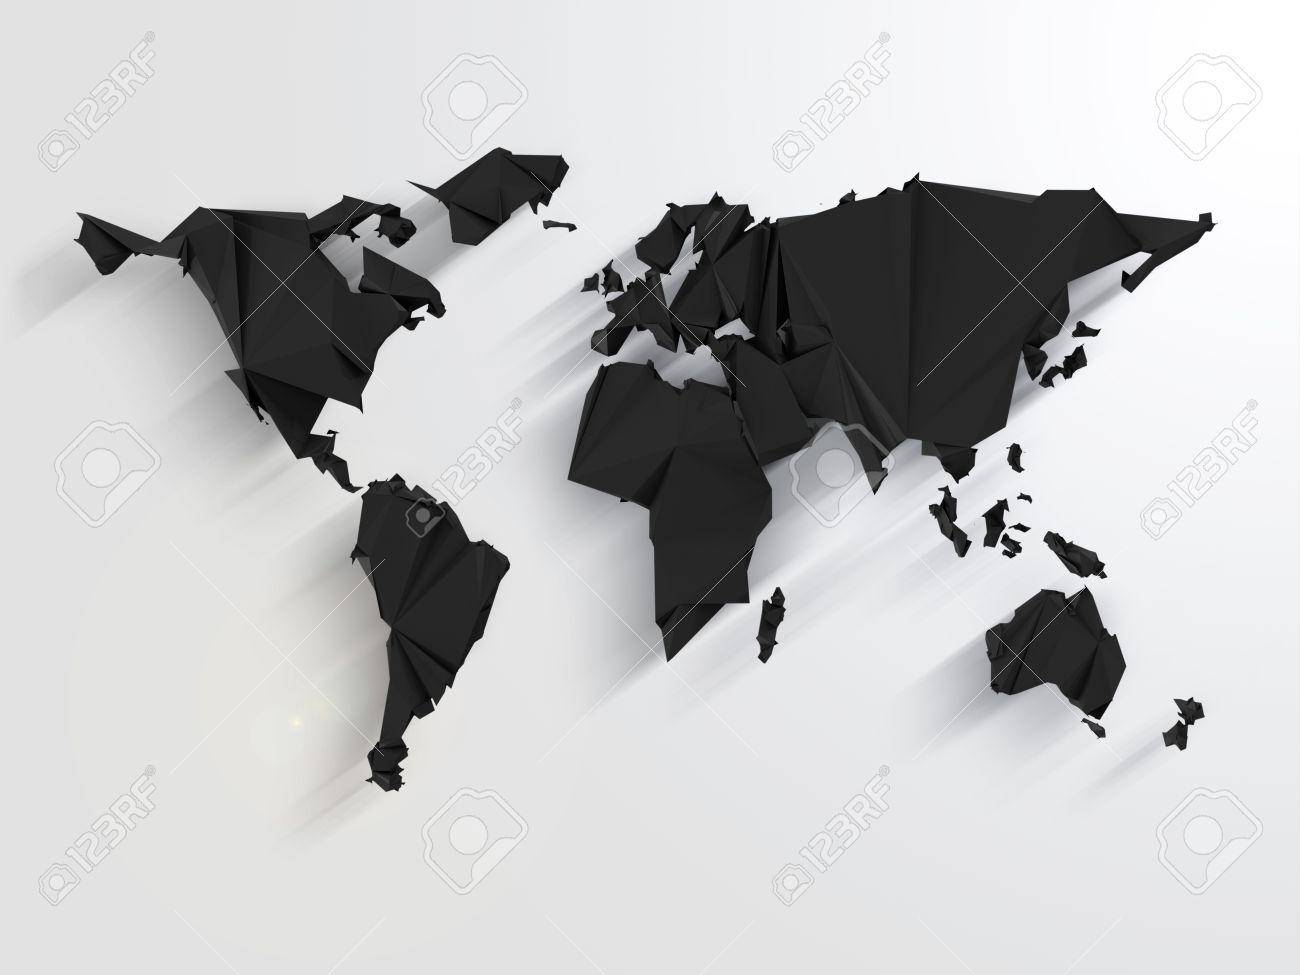 Carte Du Monde Origami.Noir Carte Du Monde Resume En Origami Style Avec De Longues Ombres